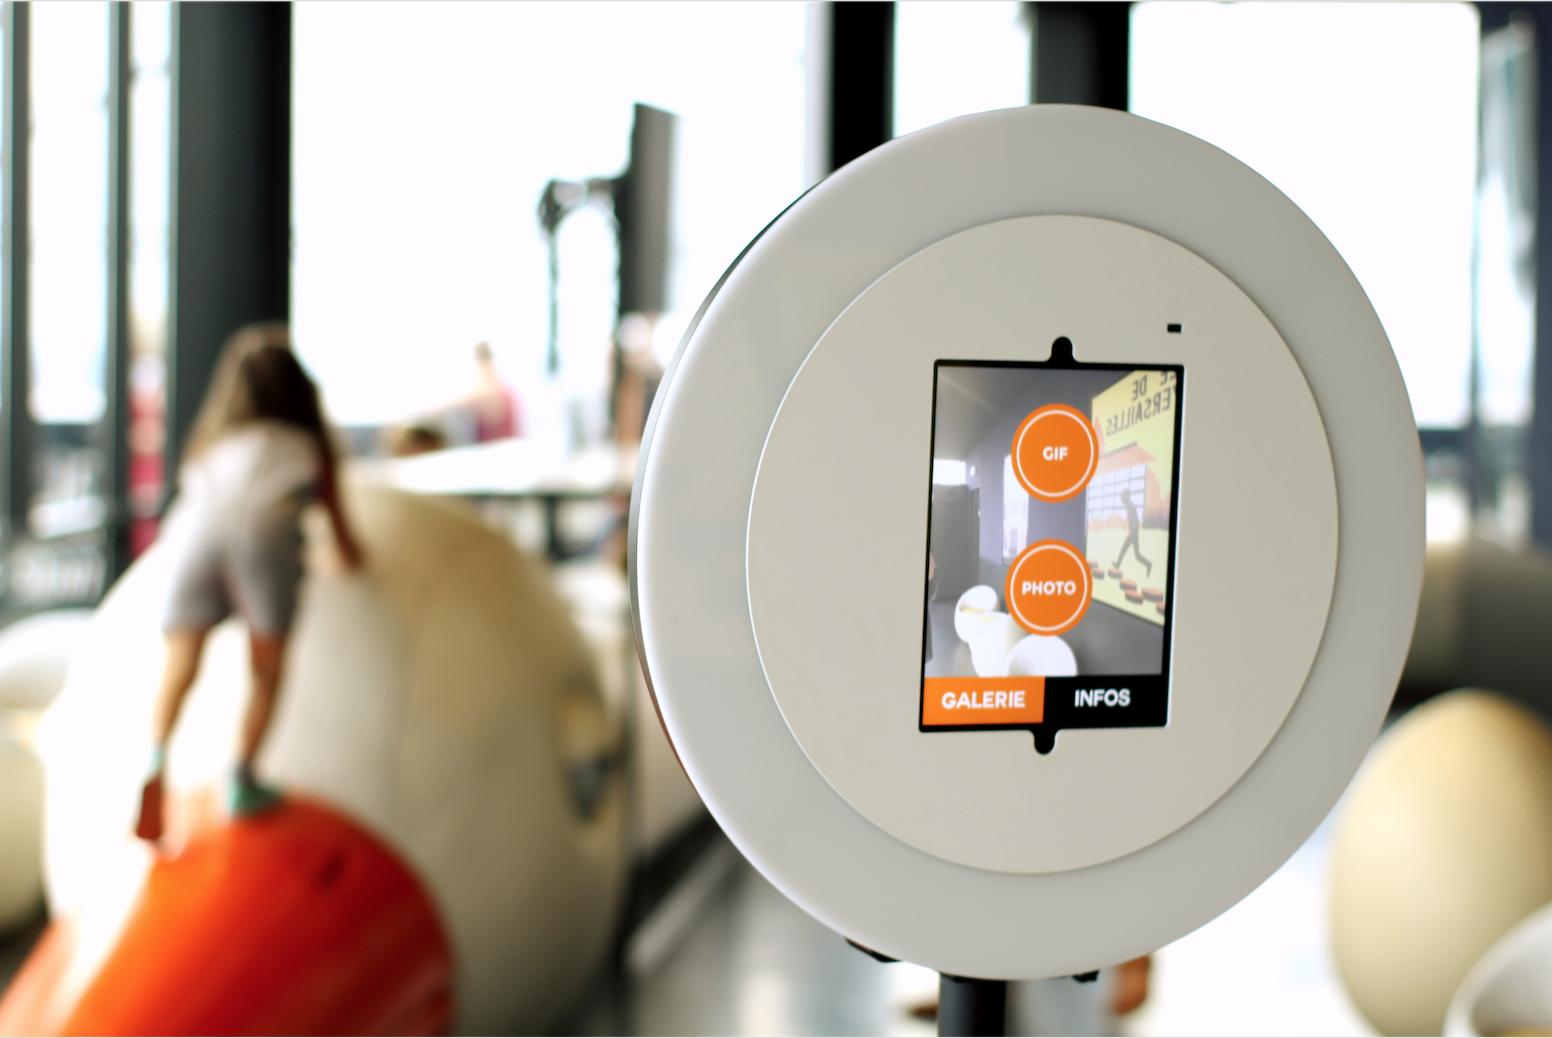 Le photobooth de Josepho est de face, en marque blanche avec l'application allumée pour se prendre en photo ou en GIF.